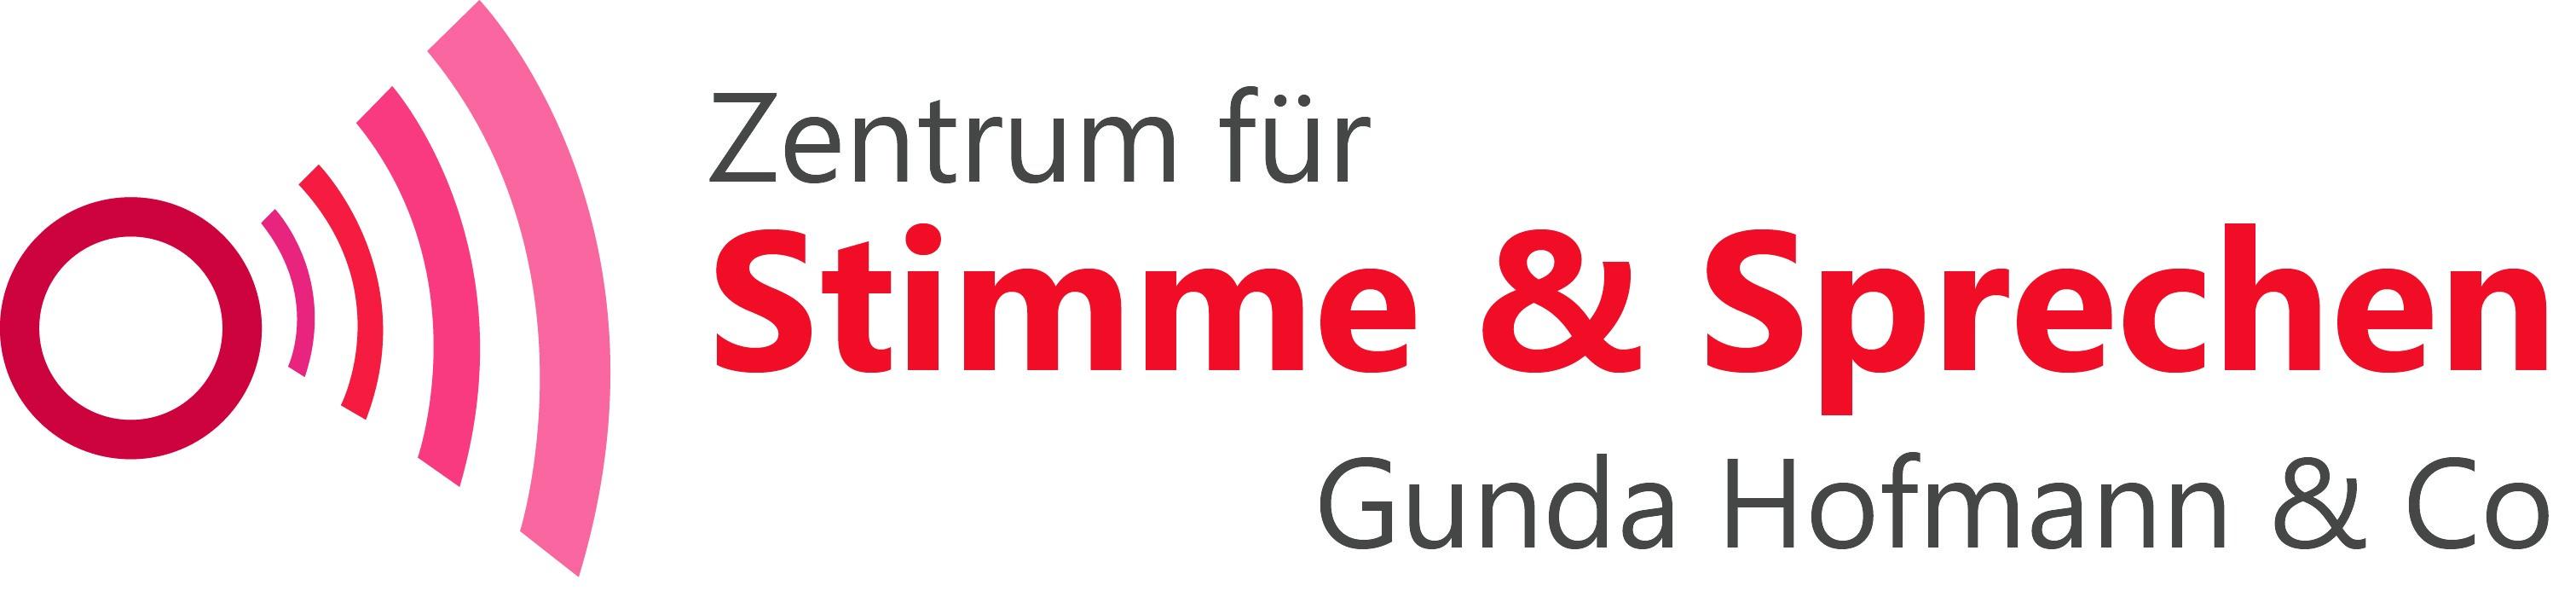 Zentrum f Stimme und Sprechen Logo